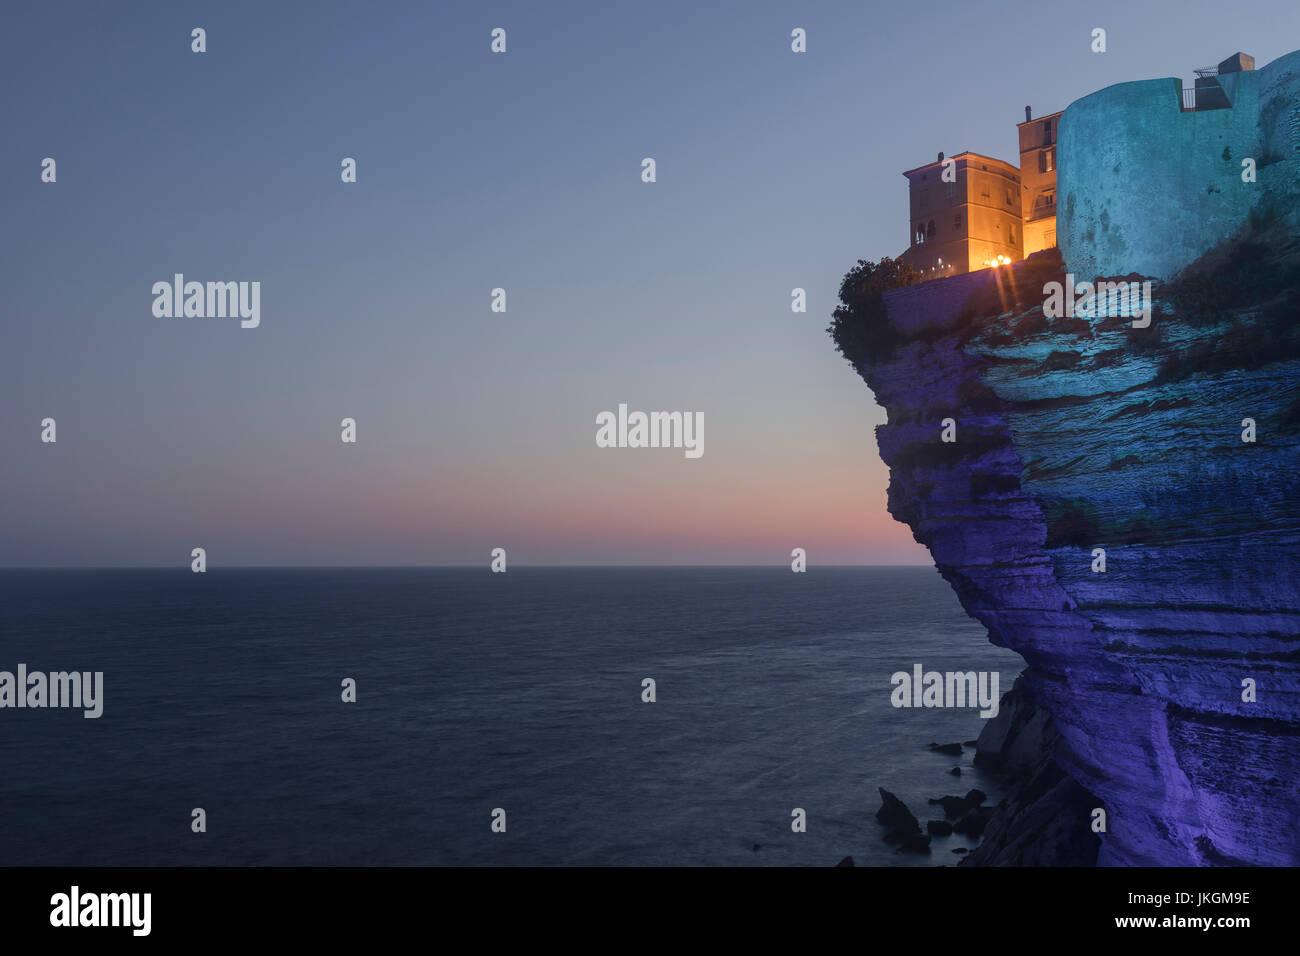 Ville Haute, Bonifacio, Corsica, France - Stock Image